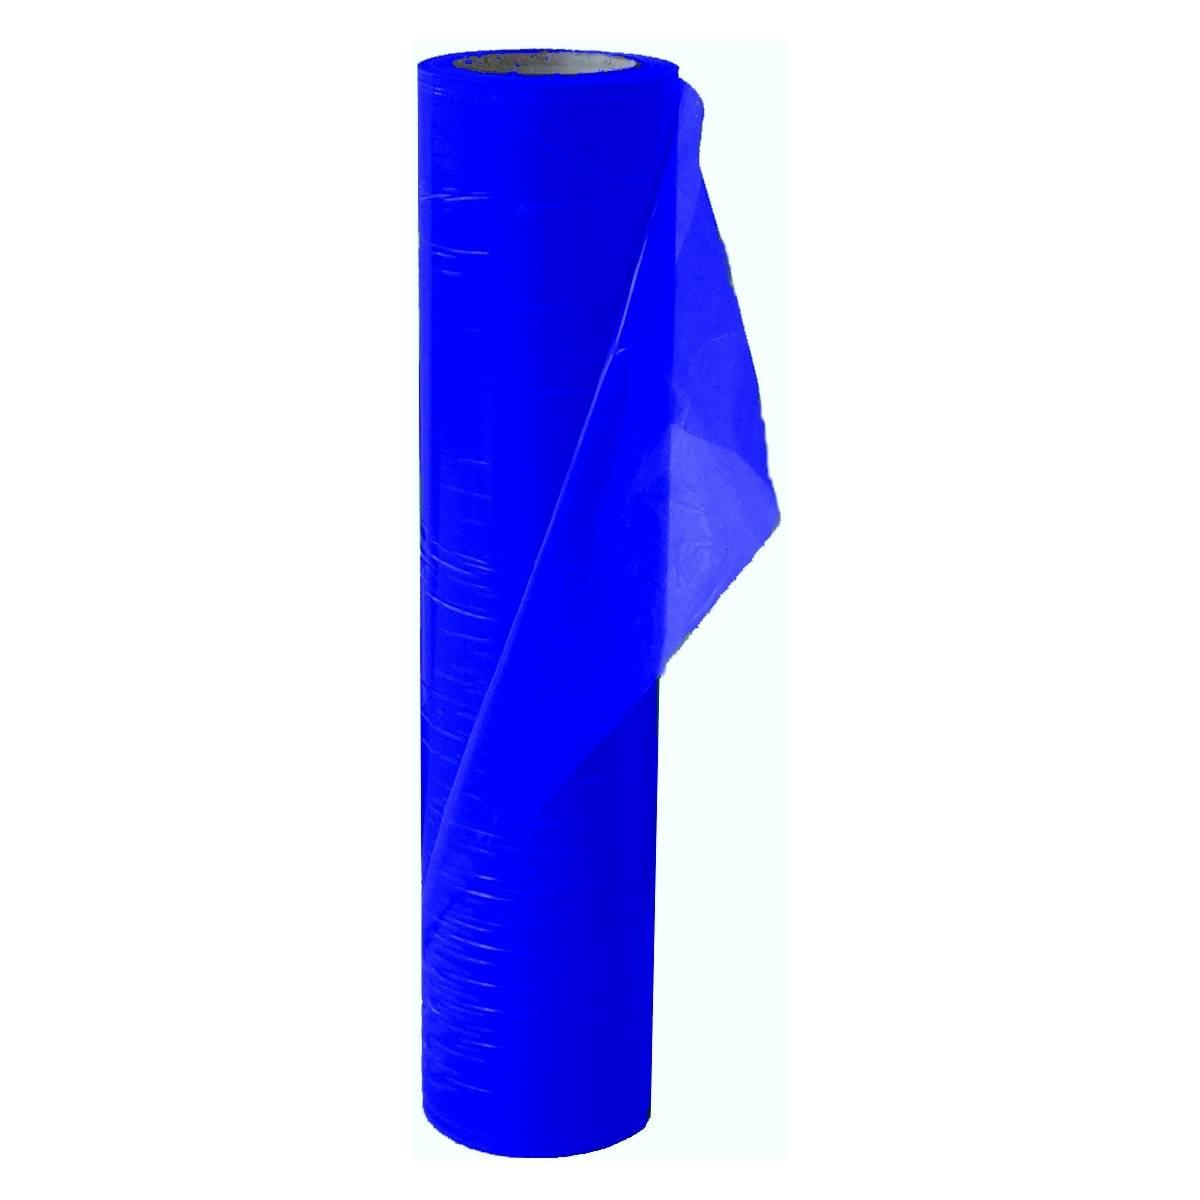 PE-Schutzfolie (Glasschutzfolie) blau 125 mm x 100 / Rolle